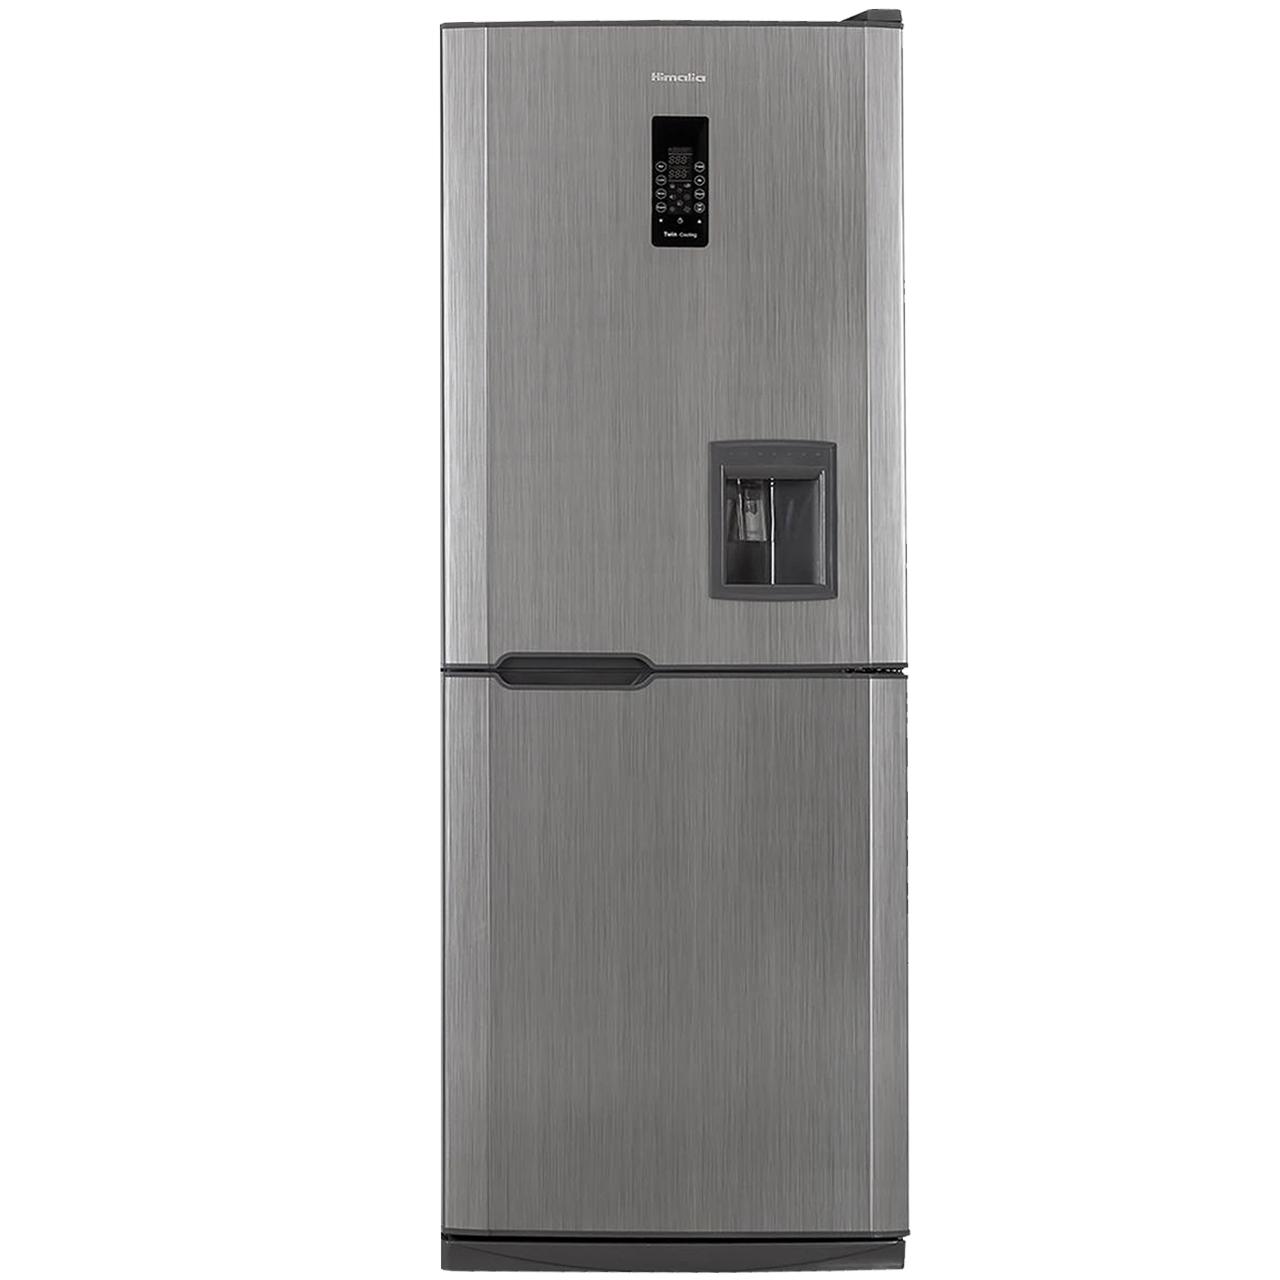 یخچال فریزر هیمالیا مدل کمبی 530 سفید چرمی نوفراست آبسردکن دار | Himalia Combi-530 Leather White No Frost Refrigerator With Water Dispenser